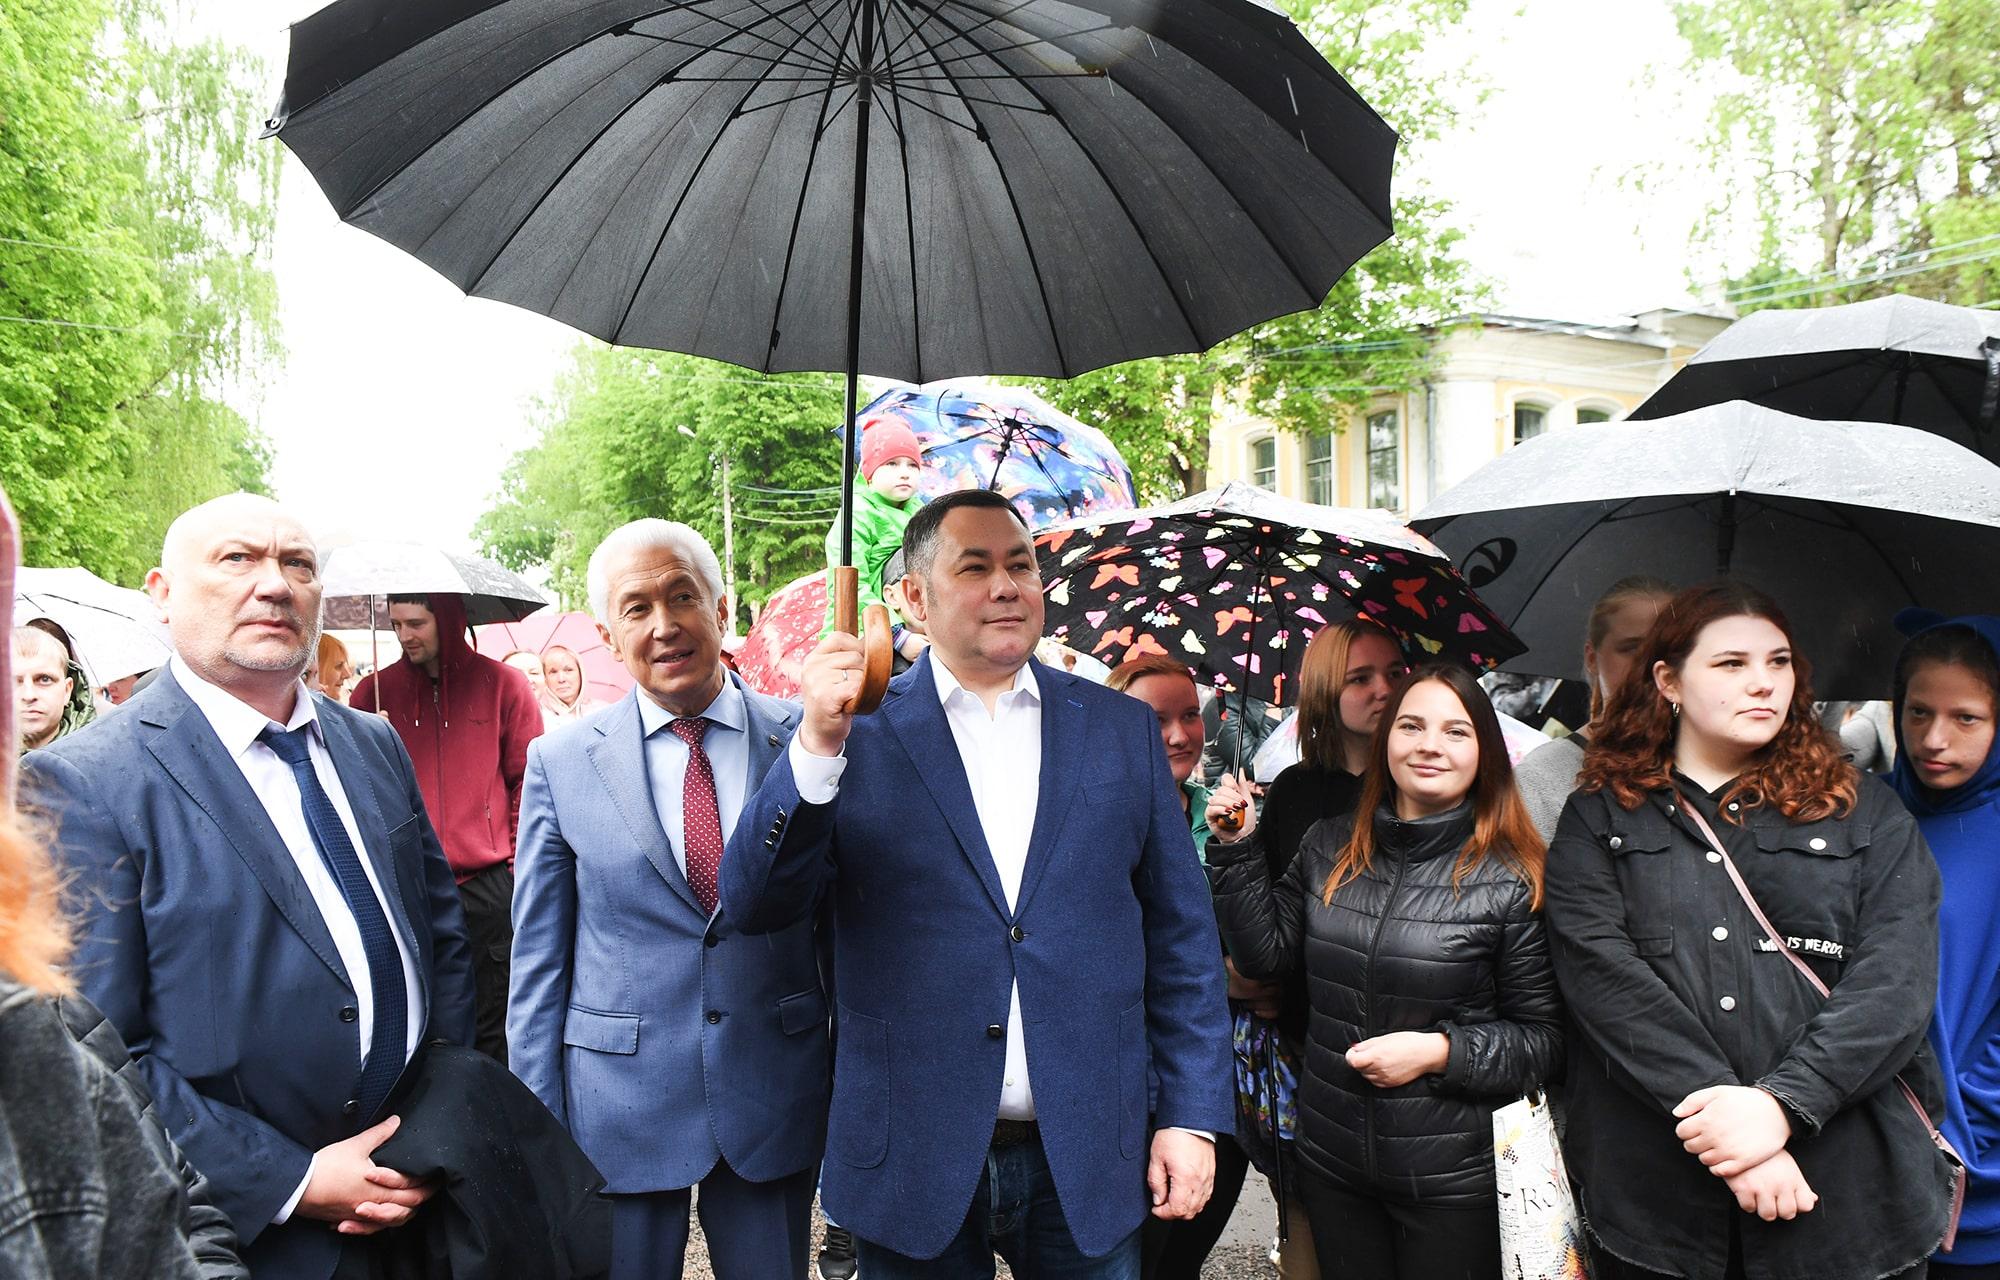 Жители Осташкова Тверской области празднуют 650-летие города